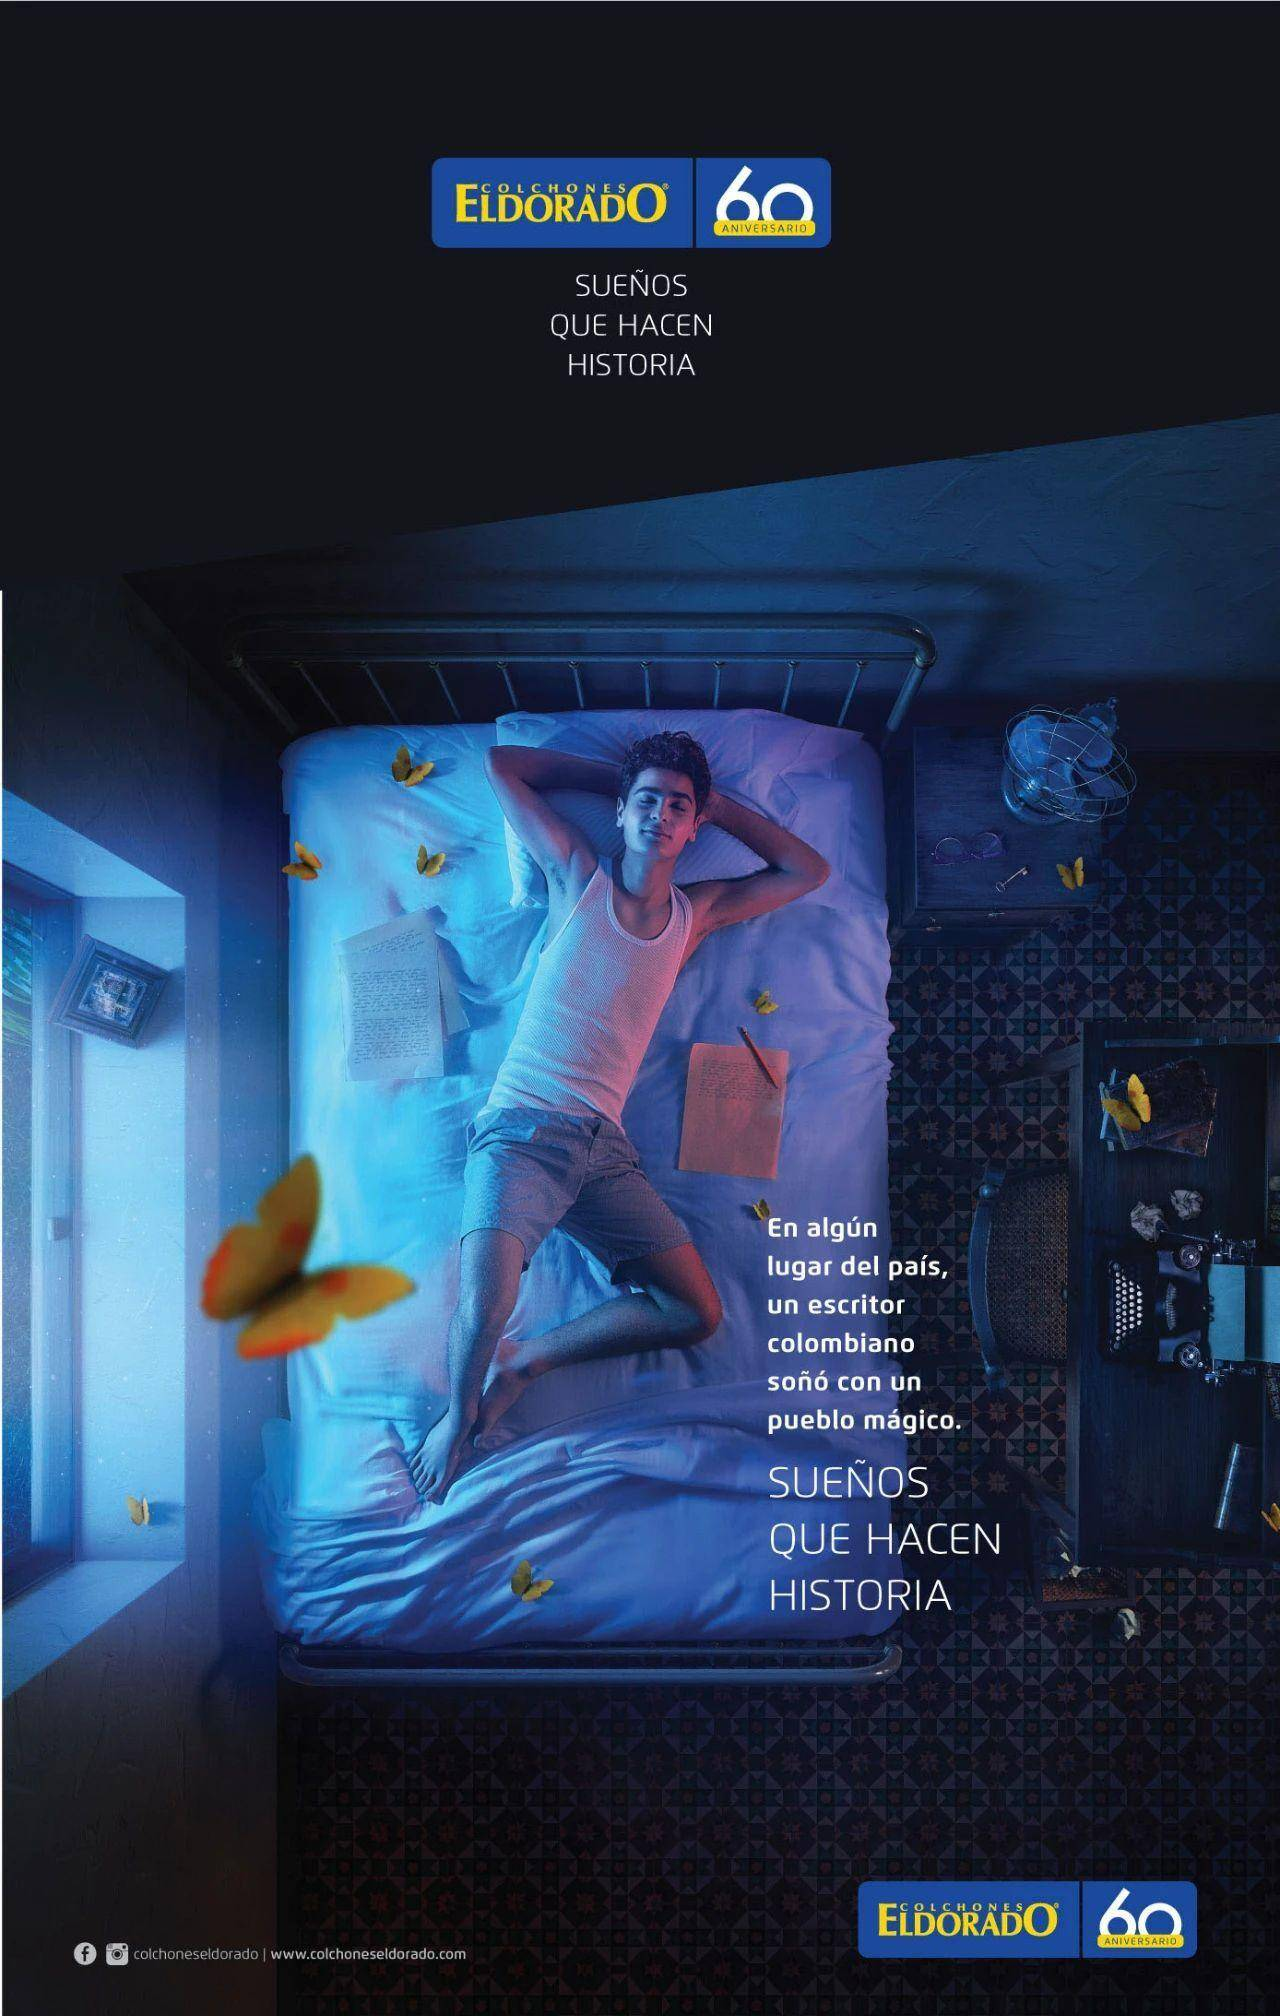 电影海报设计案例分析 多看优质作品才能找到设计灵感